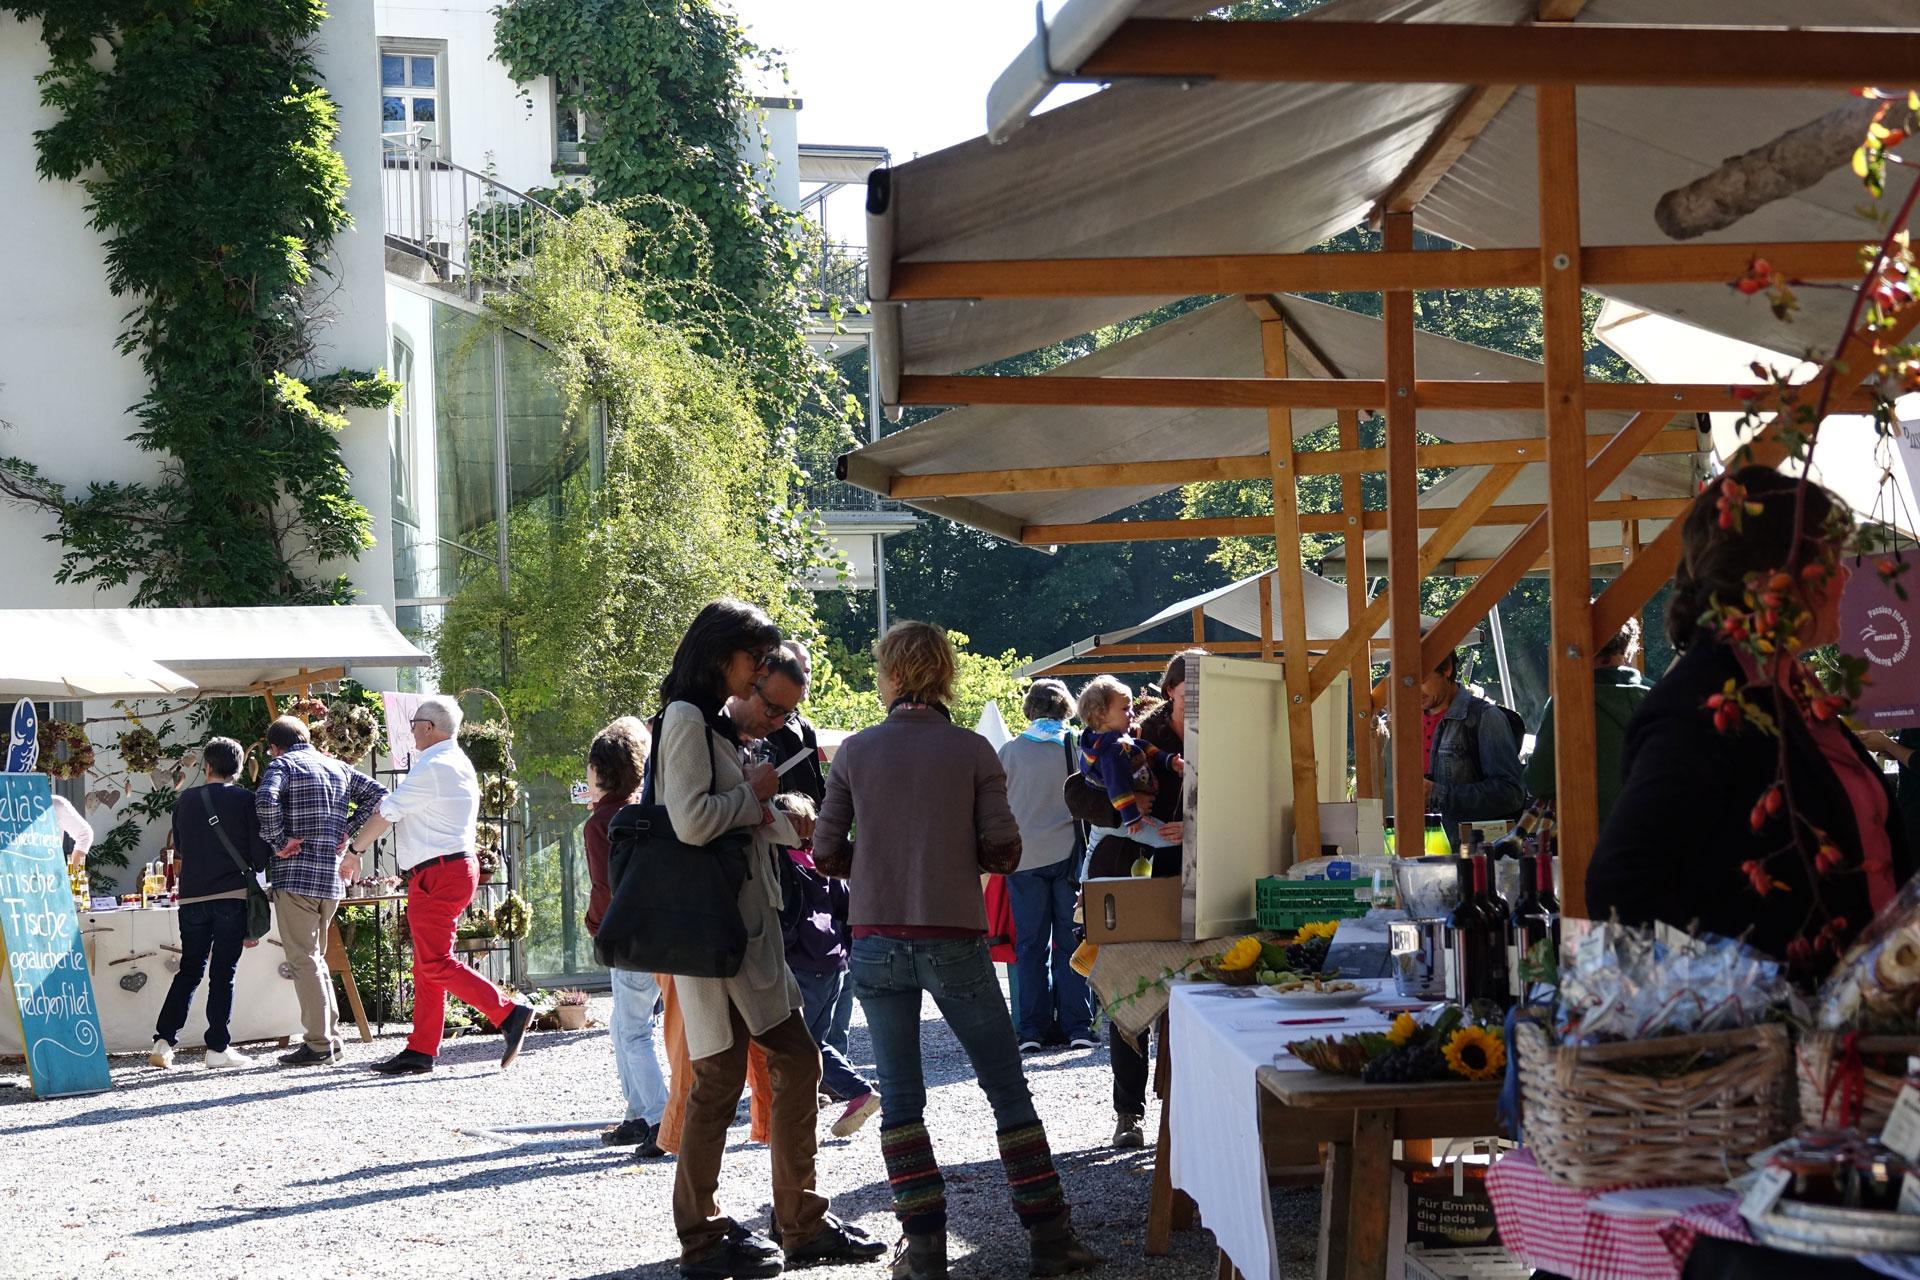 Wartegg_HerbstmarktFest2019_01.JPG